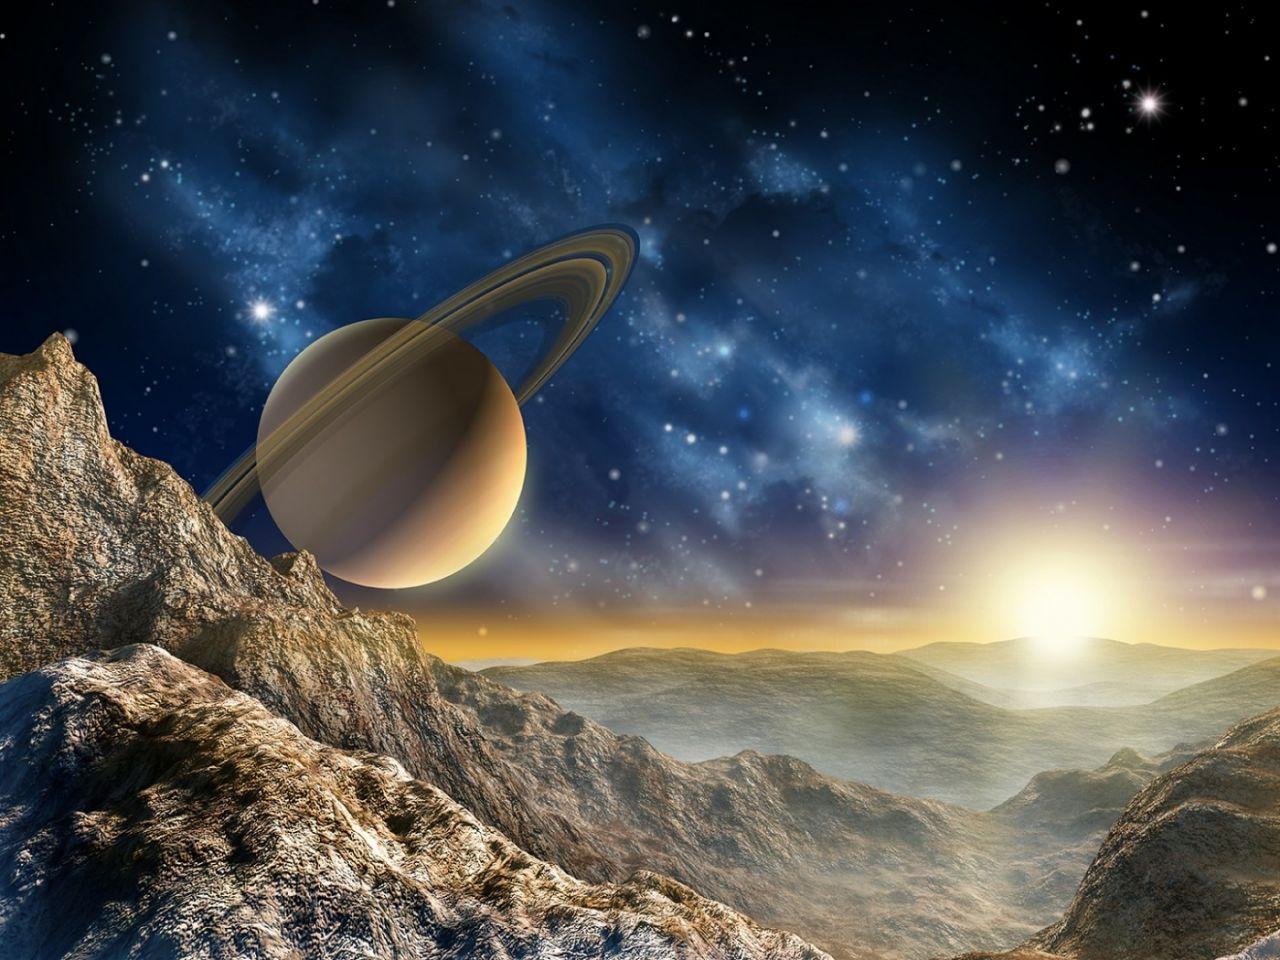 Satürn gezegeni hakkında 15 İnanılmaz gerçek! - Page 4